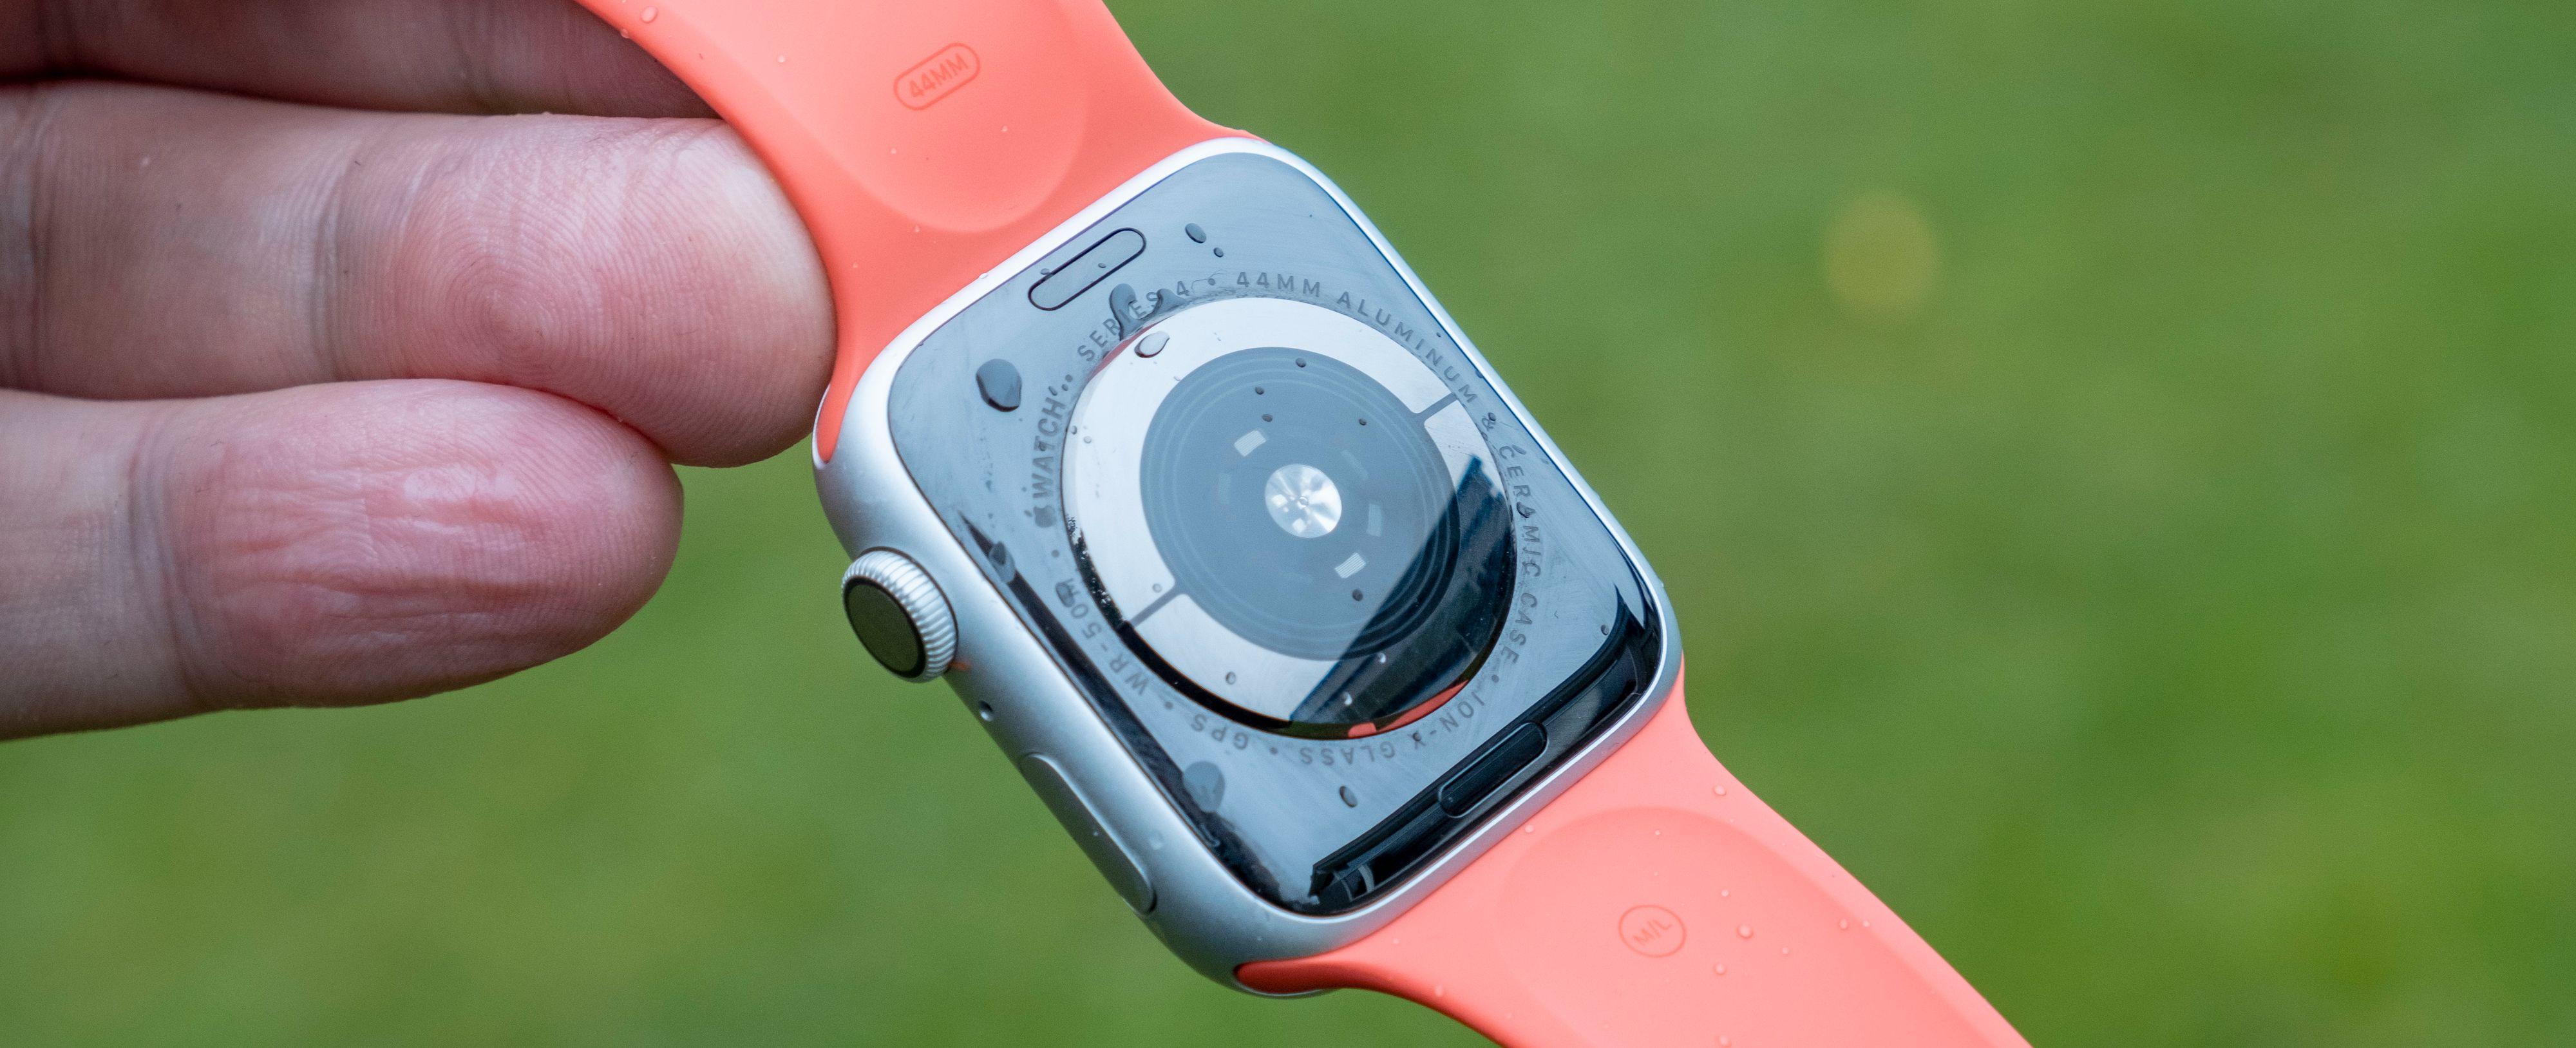 Metall under klokka og i den digitale kronen på siden av klokka gjør at klokken har alt den trenger for å ta en EKG-måling. Men appen blir ikke tilgjengelig før i desember, og da kun for amerikanere. Om den kommer hit i det hele tatt er foreløpig uvisst.